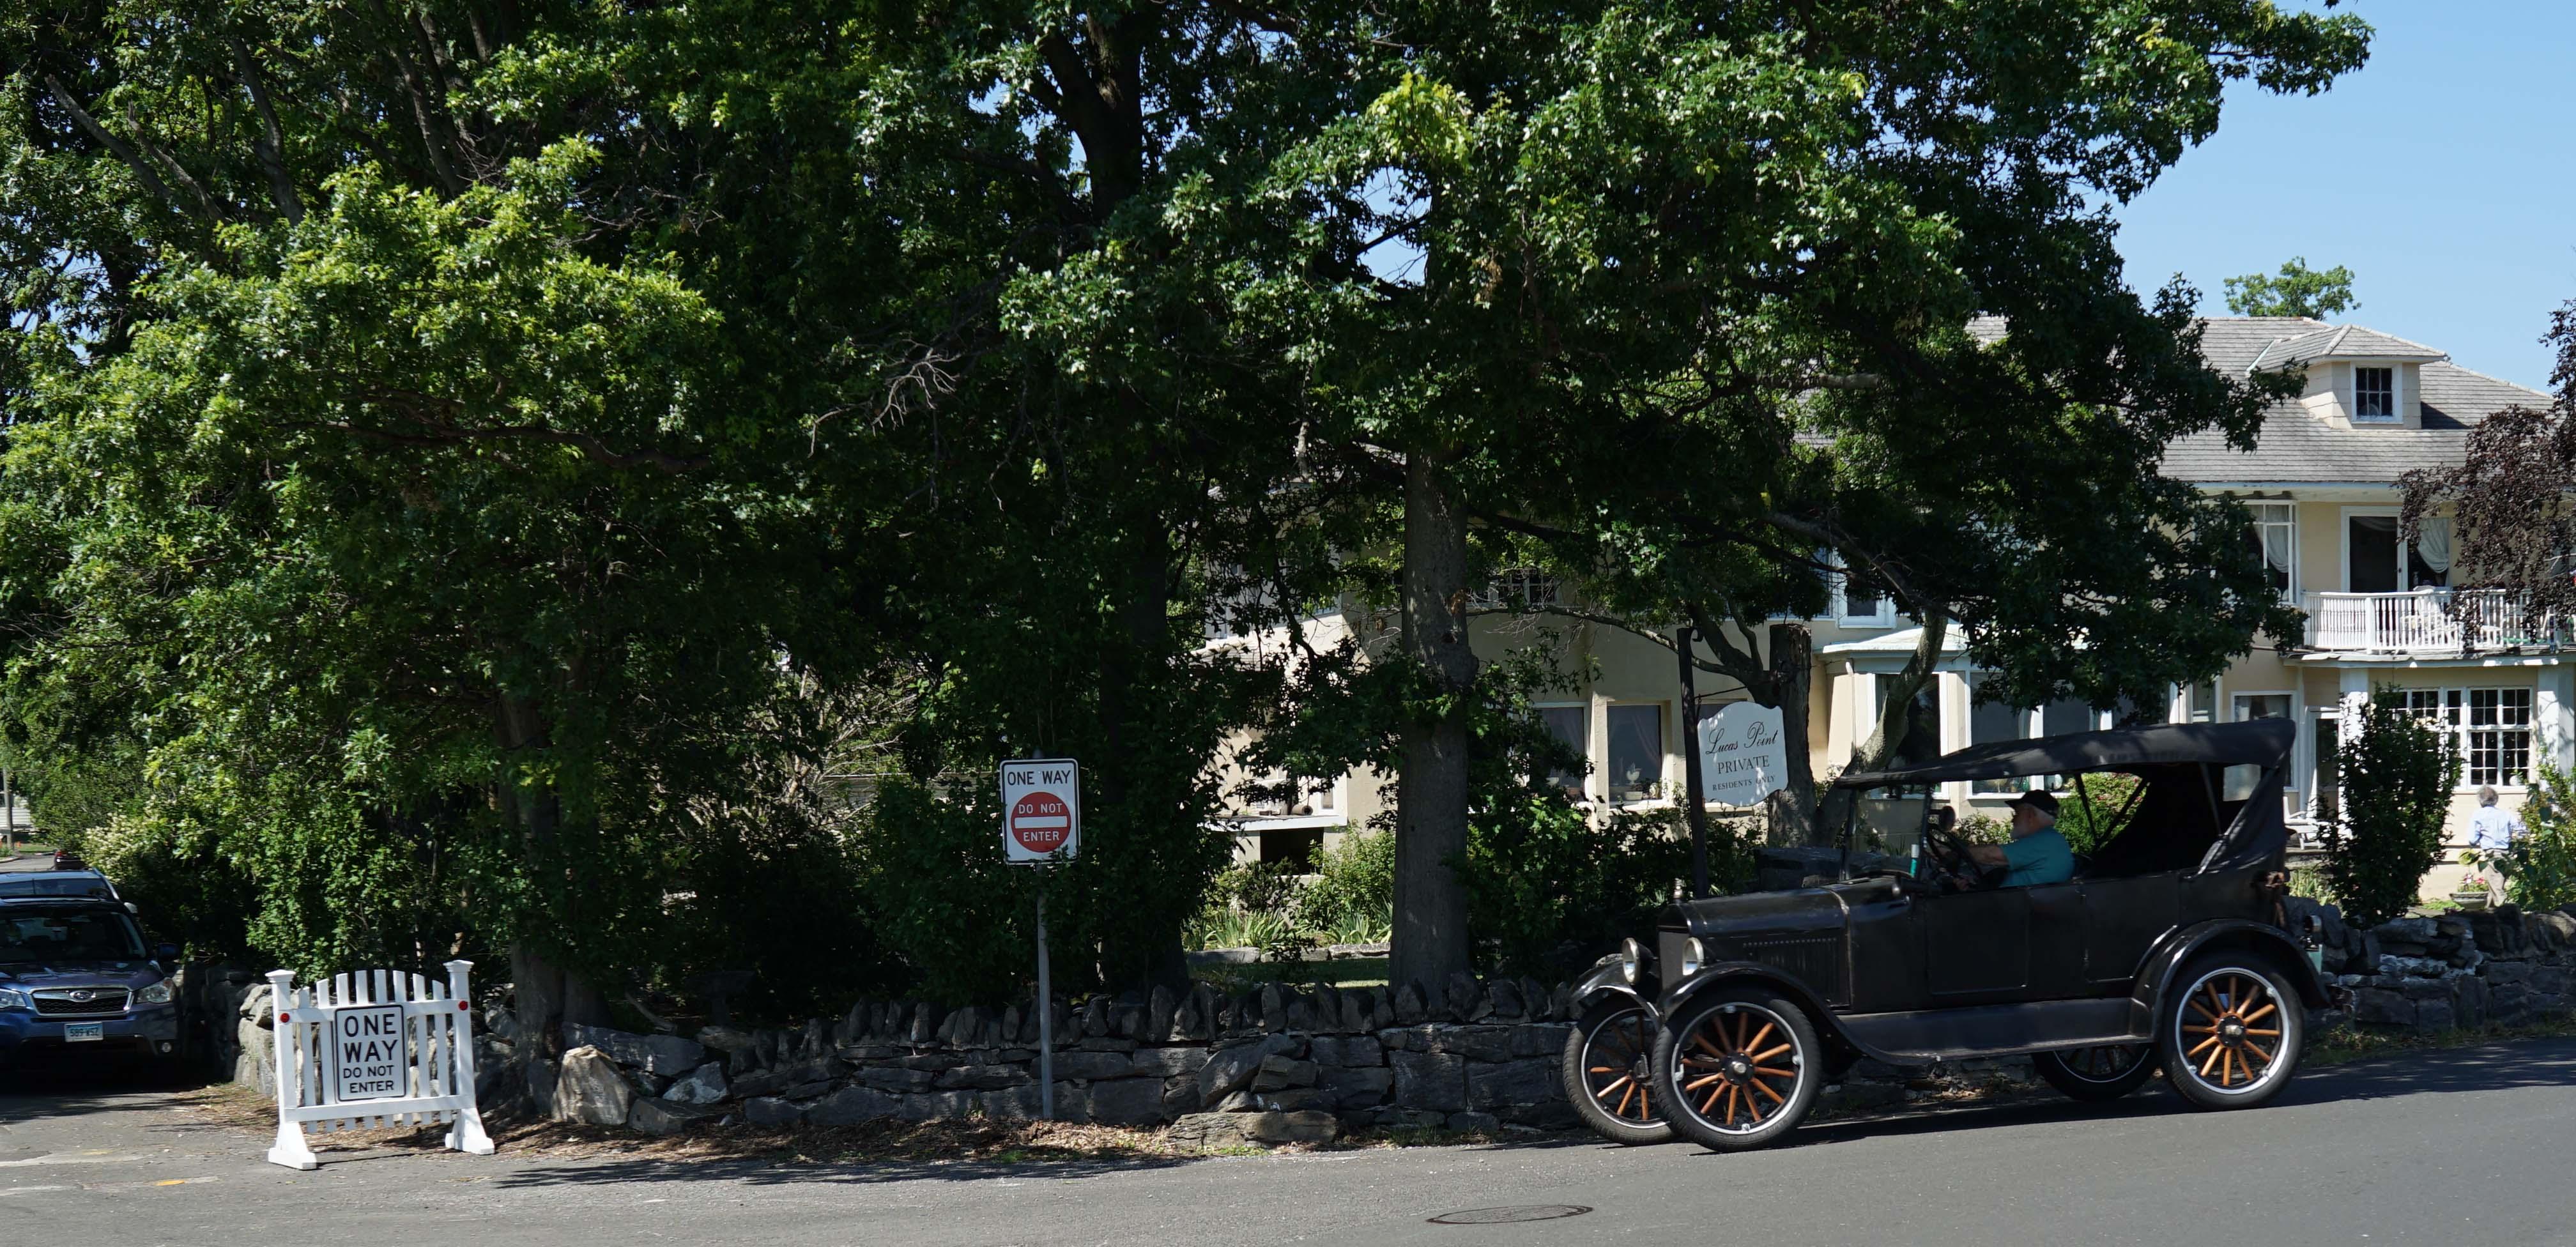 Model T old greenwich